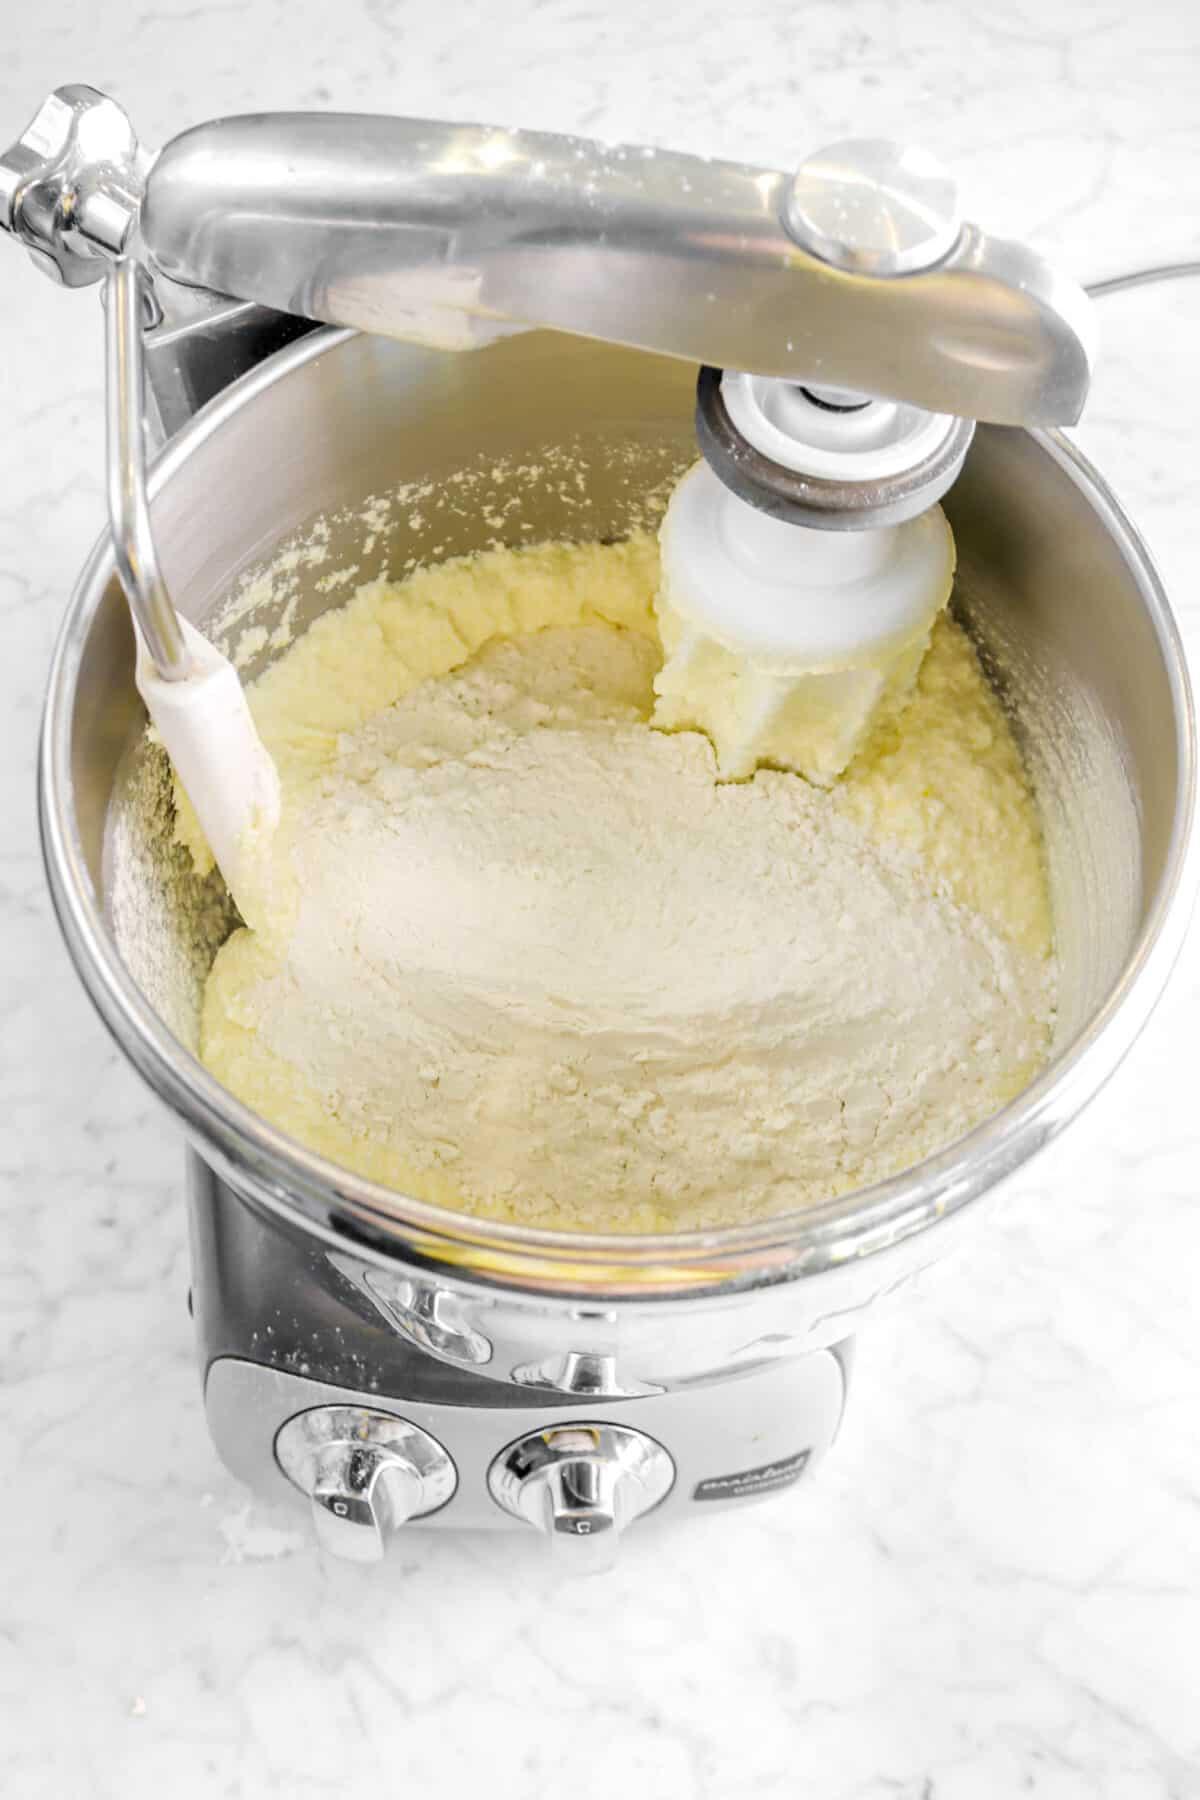 flour mixture added to butter mixture